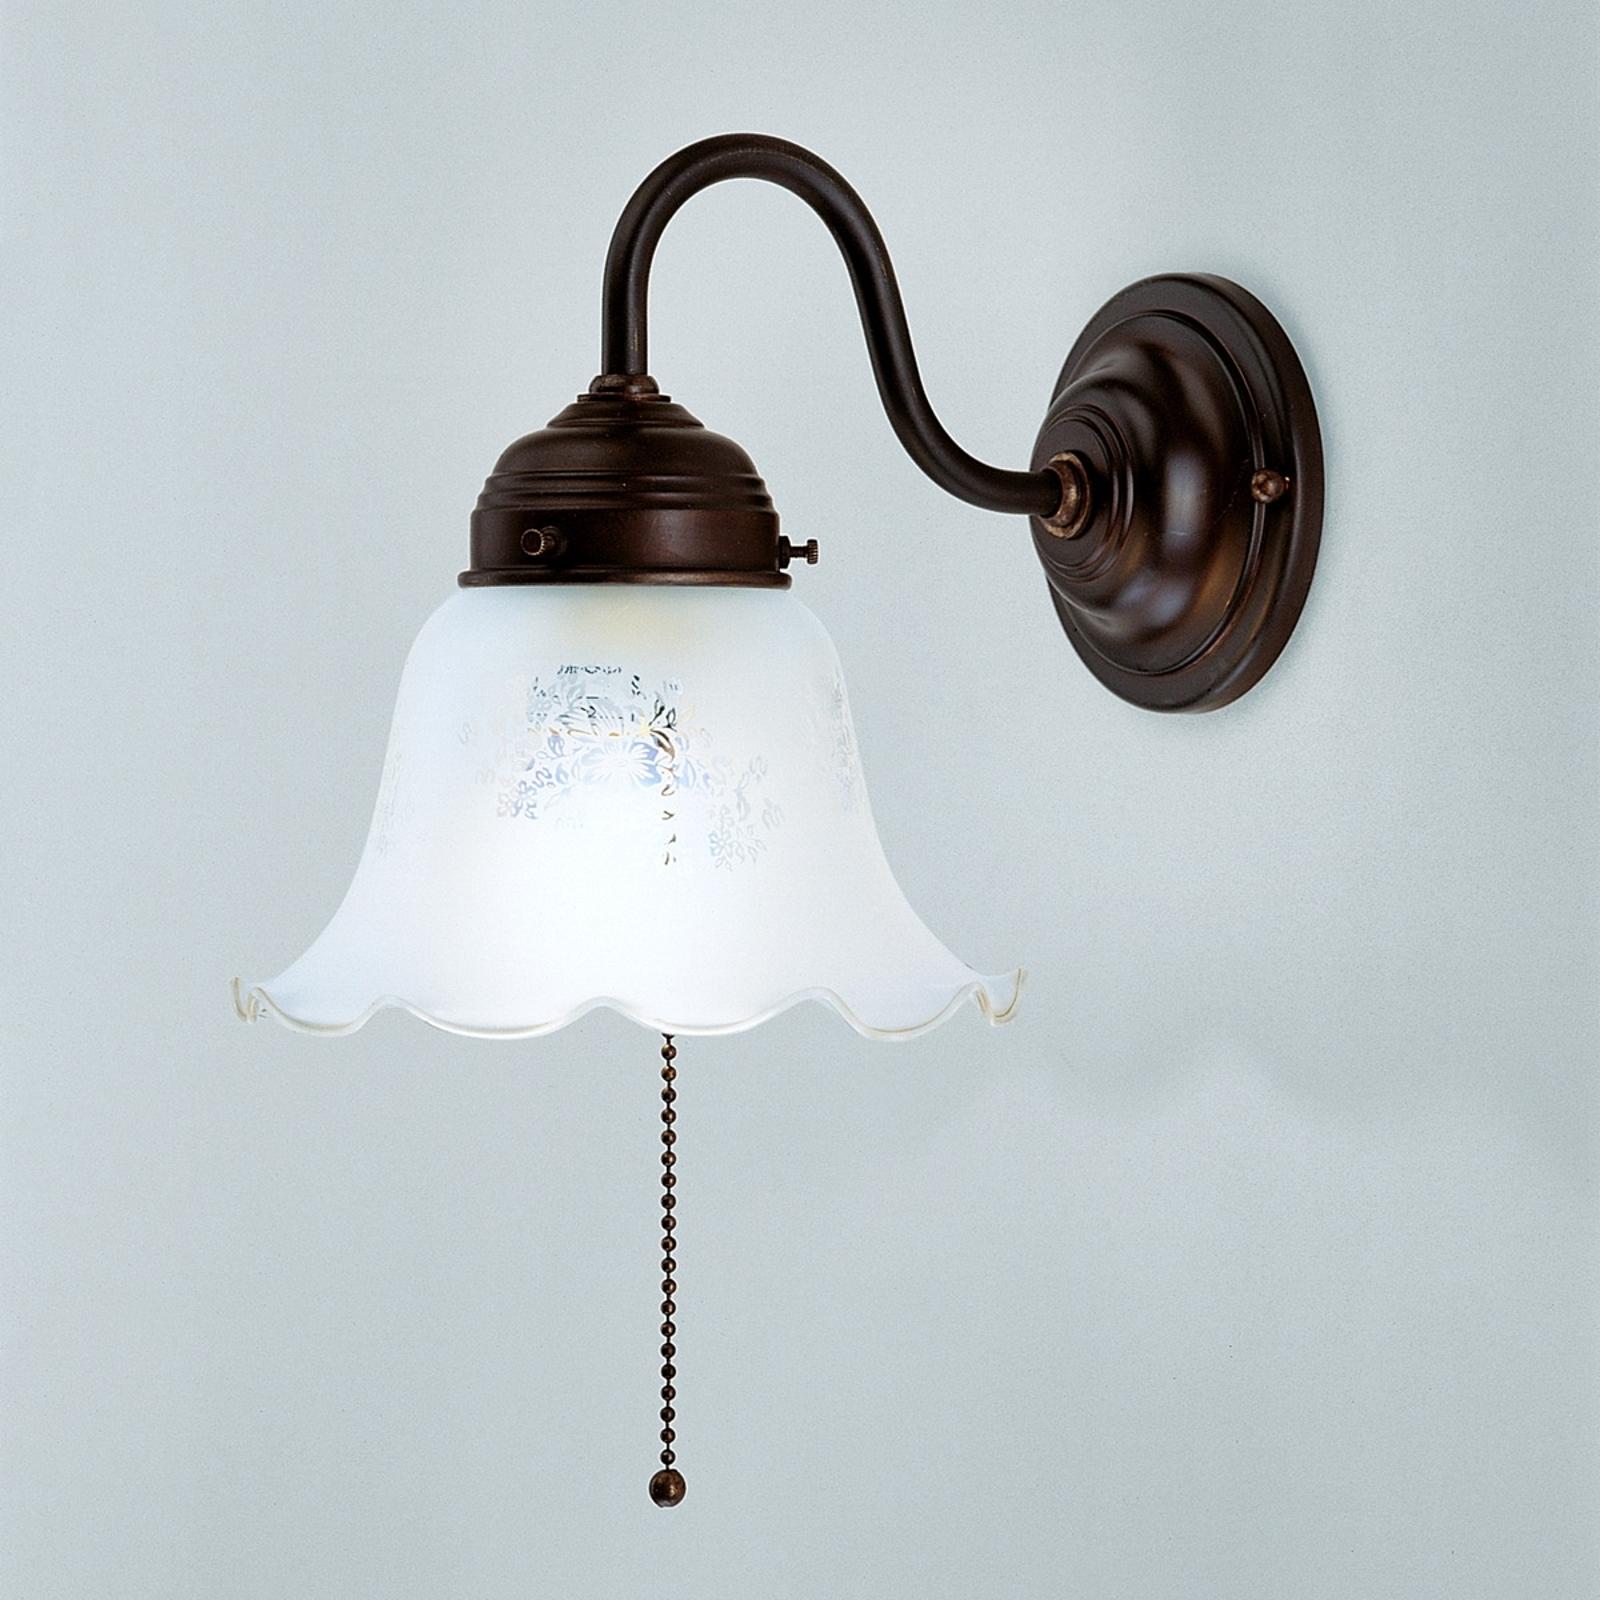 Wandlamp Gretchen met aangebracht antiek